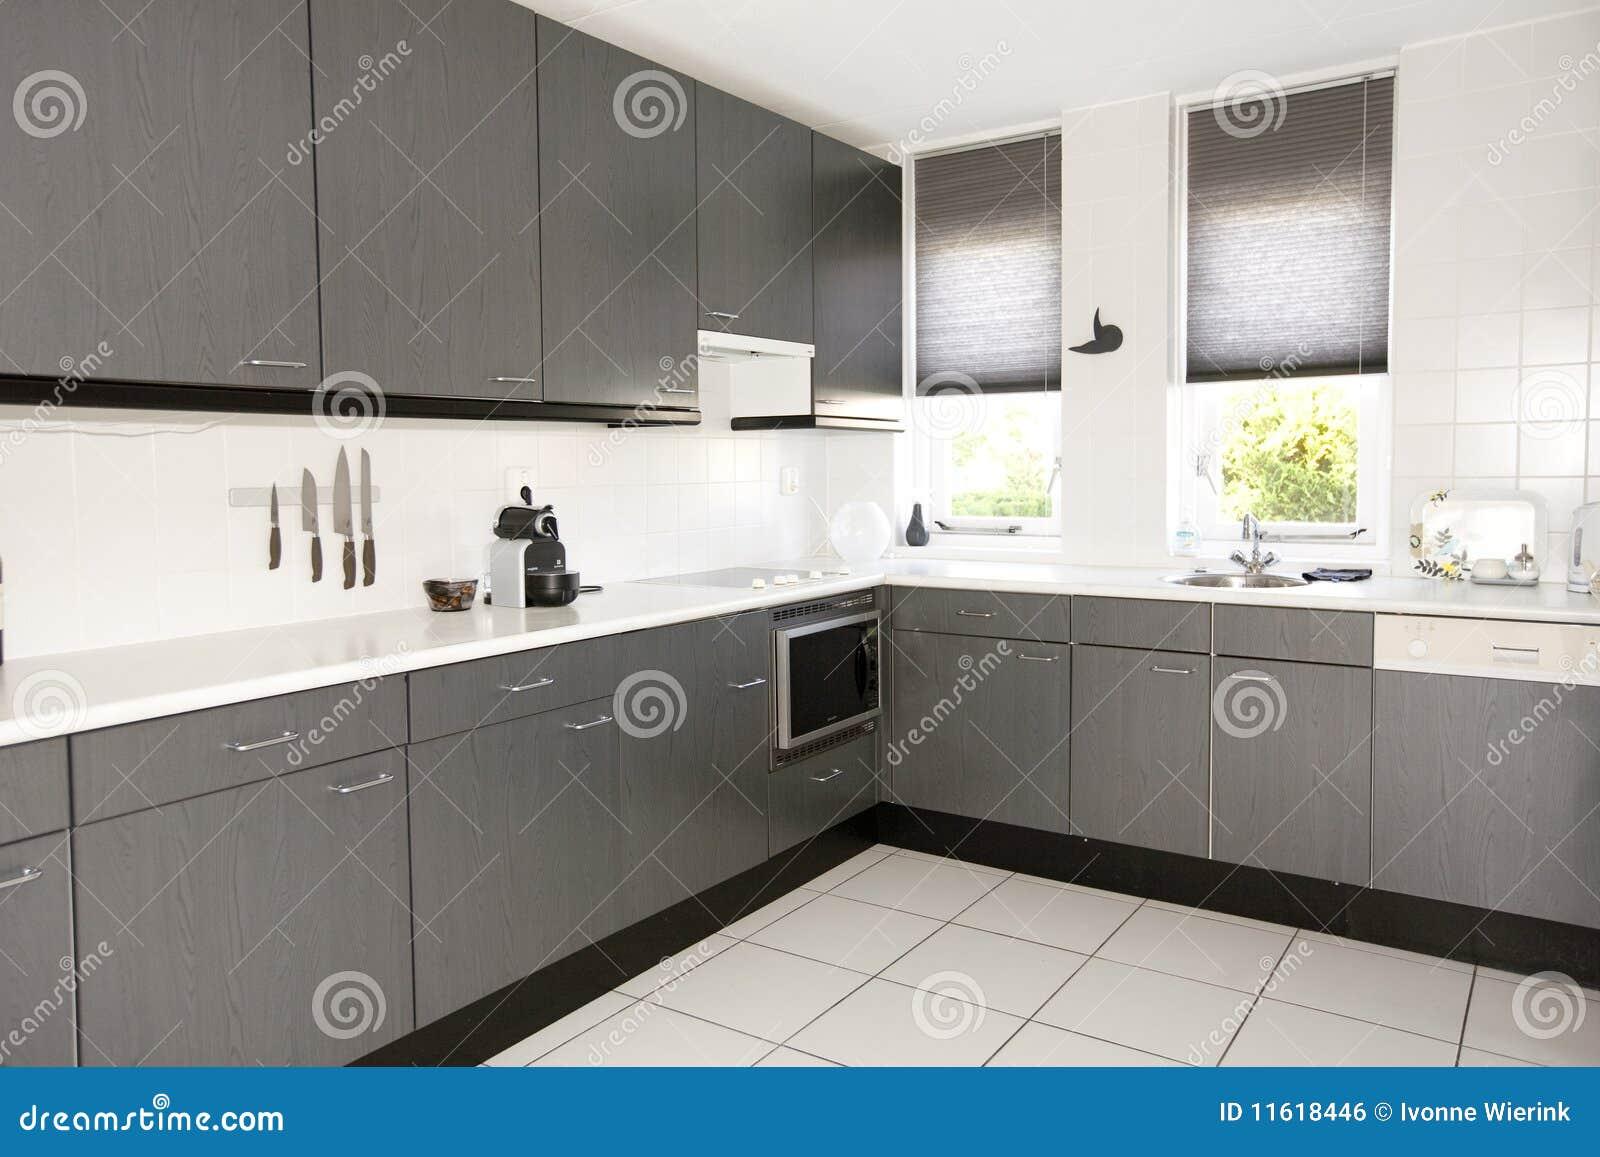 Daglicht Je Keuken : Moderne keuken stock foto. afbeelding bestaande uit knifes 11618446